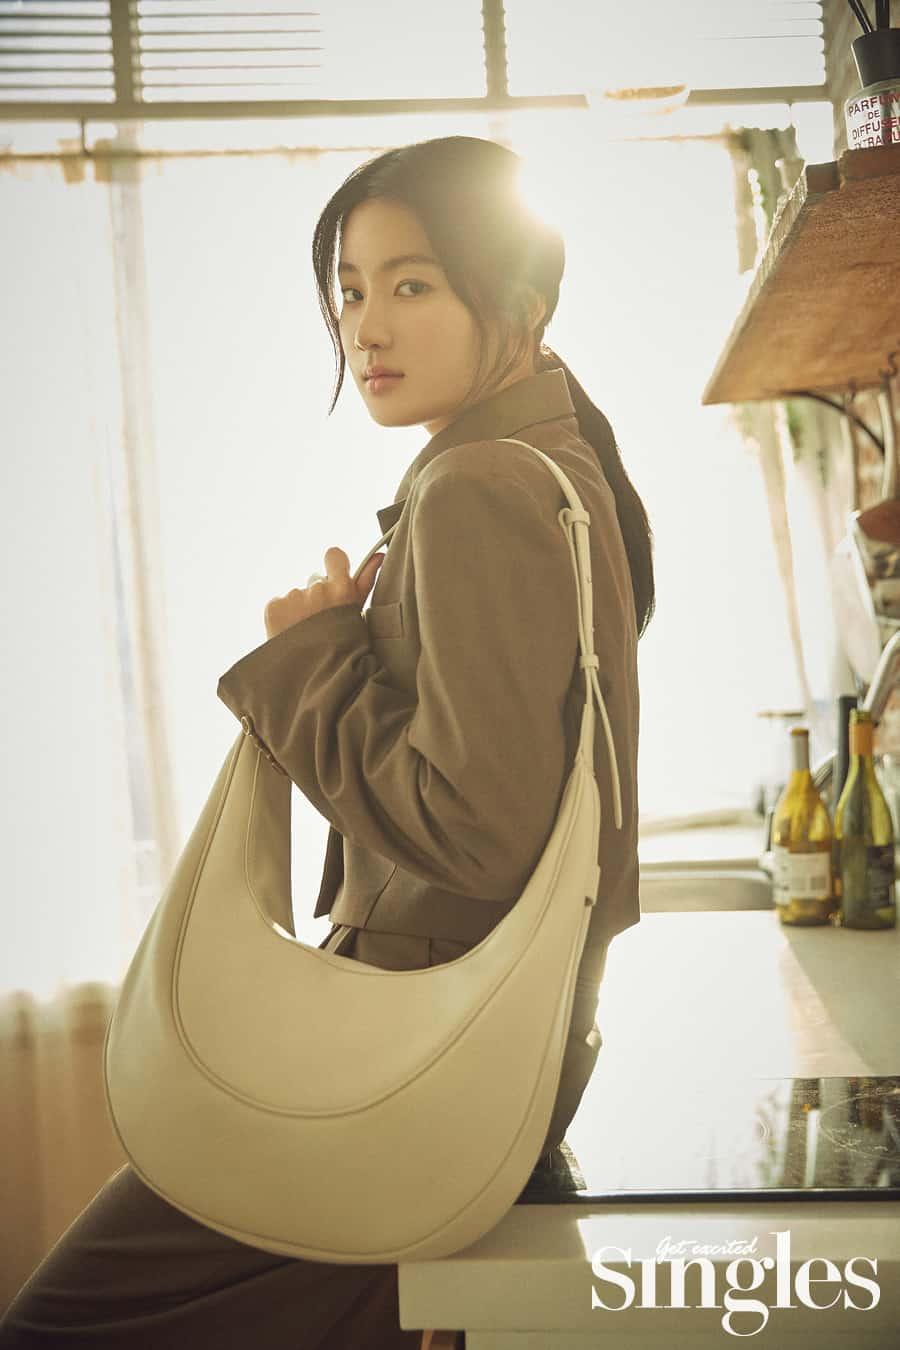 <좀비탐정, 박주현> 성숙한 여성미 물씬 풍기는 패션 화보 공개!